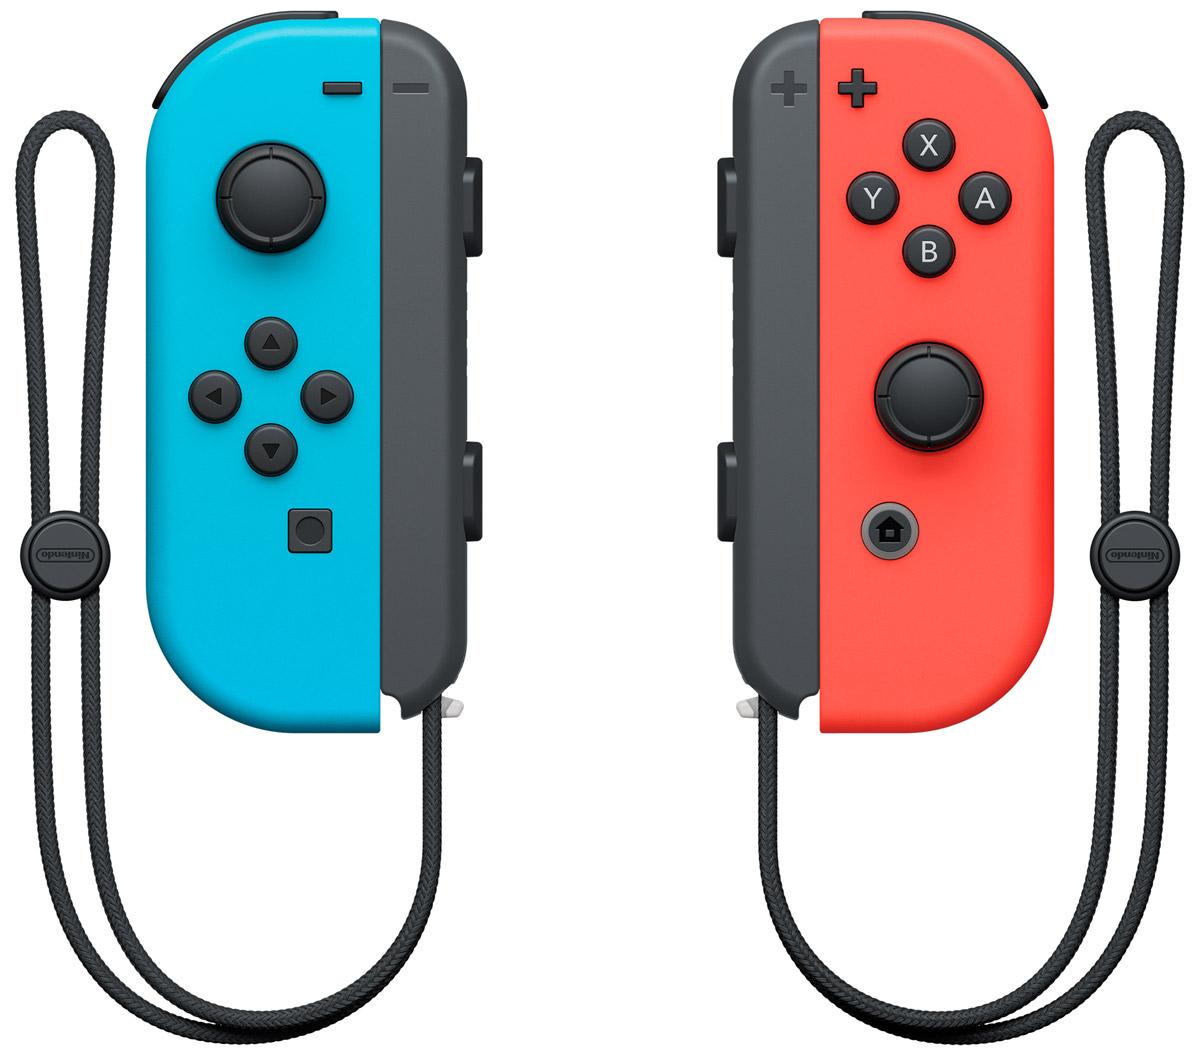 Набор контроллеров Joy-Con для Nintendo Switch, Neon Red Neon Blue игровая консоль nintendo switch neon red blue mario kart 8 deluxe